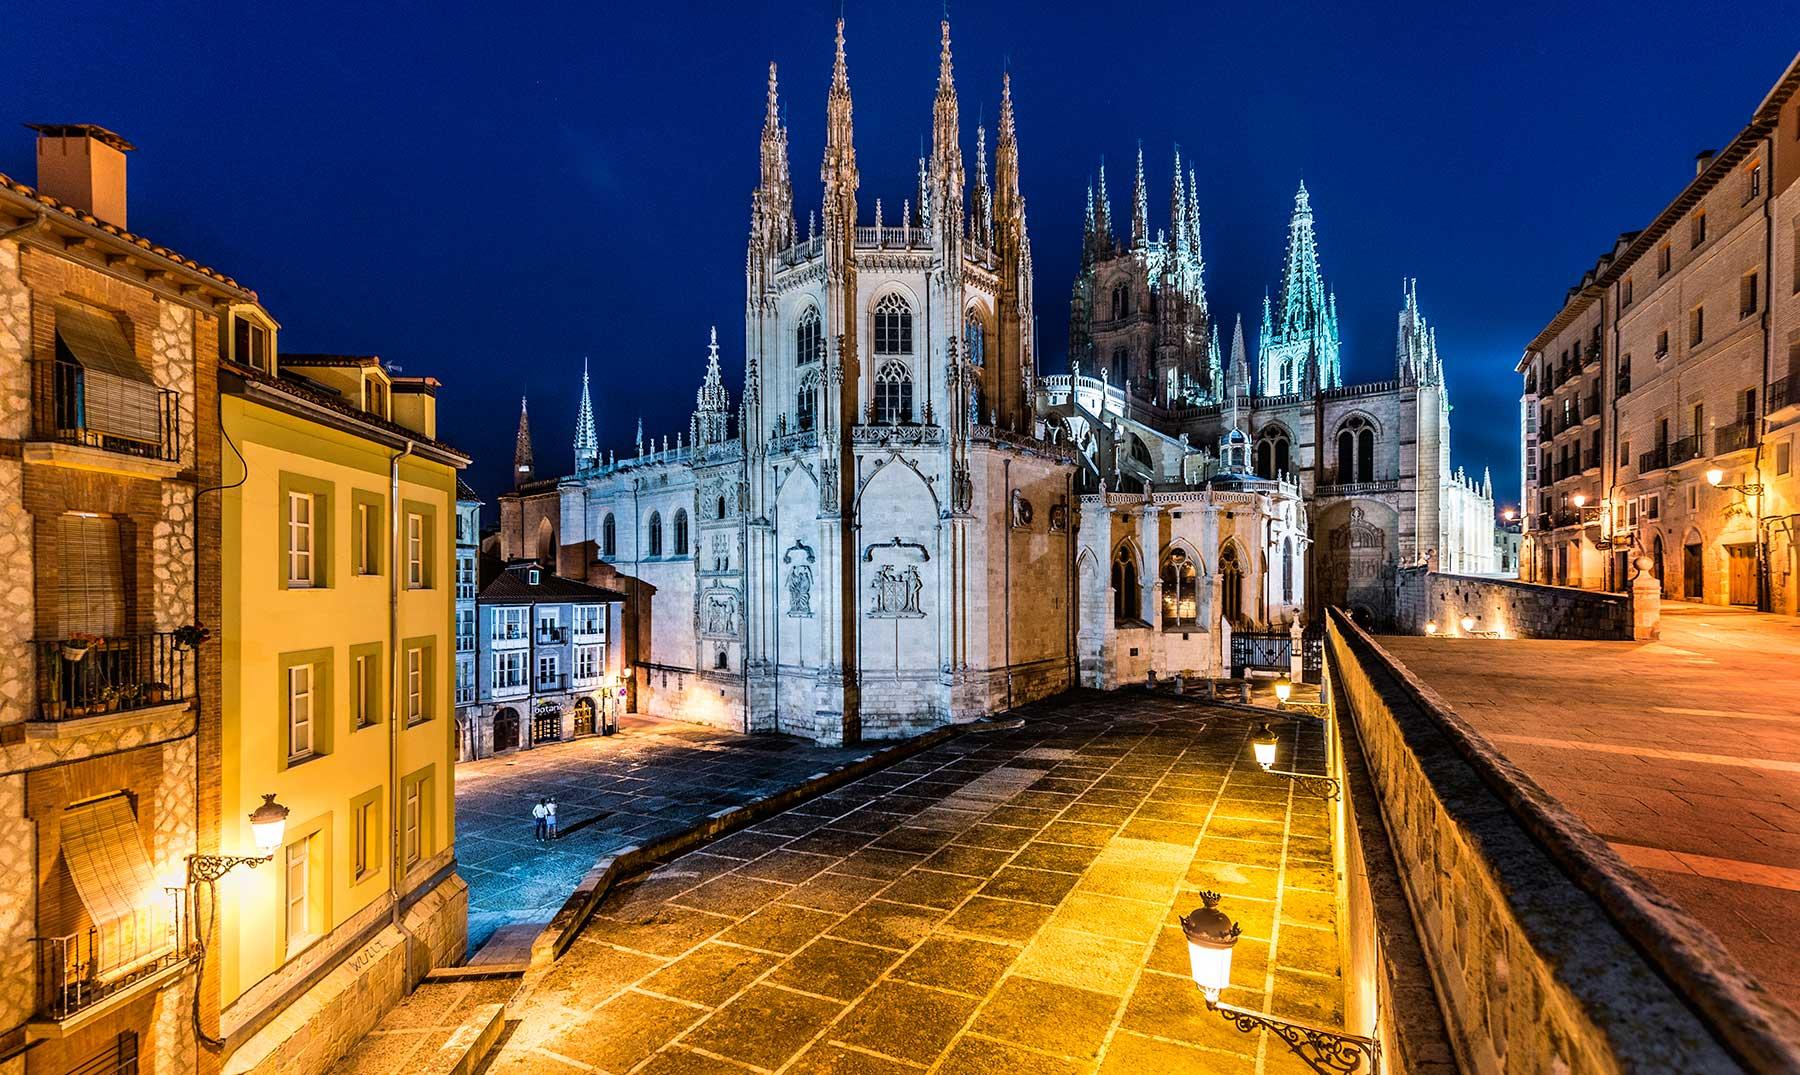 Qué ver en Burgos | 10 Lugares imprescindibles [Con Imágenes]